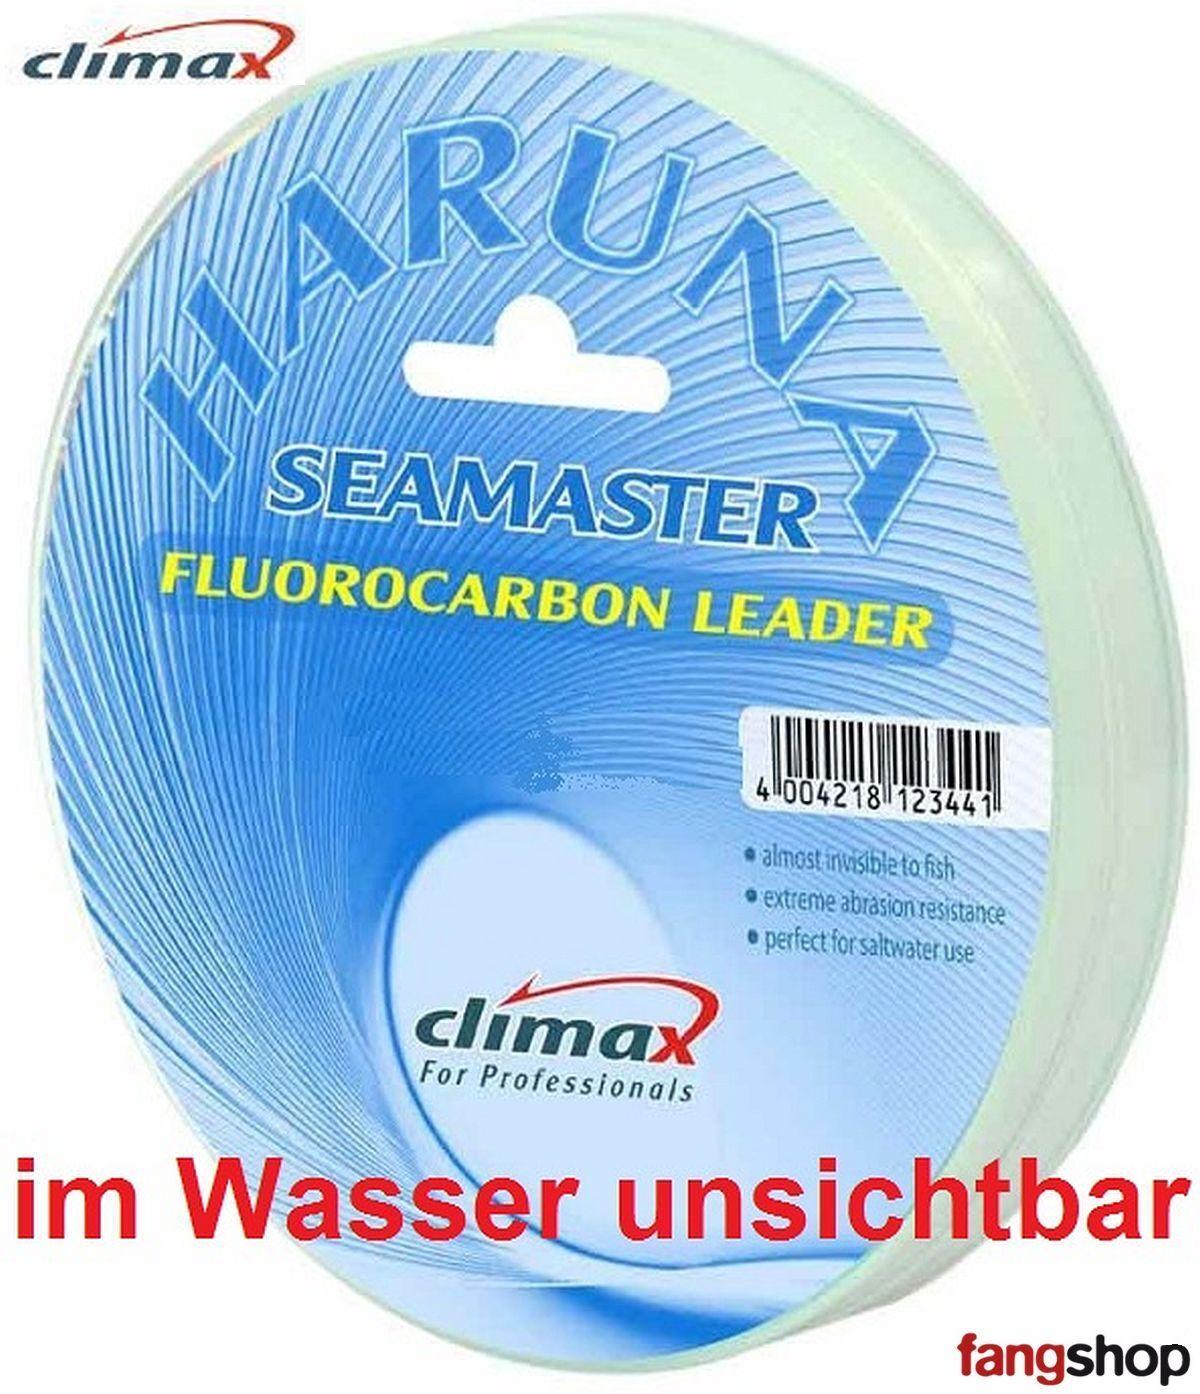 Climax Schnur Haruna Seamaster Fluorocarbon unsichtbare Vorfach Schnur Climax Norwegen TOP f5f7f6